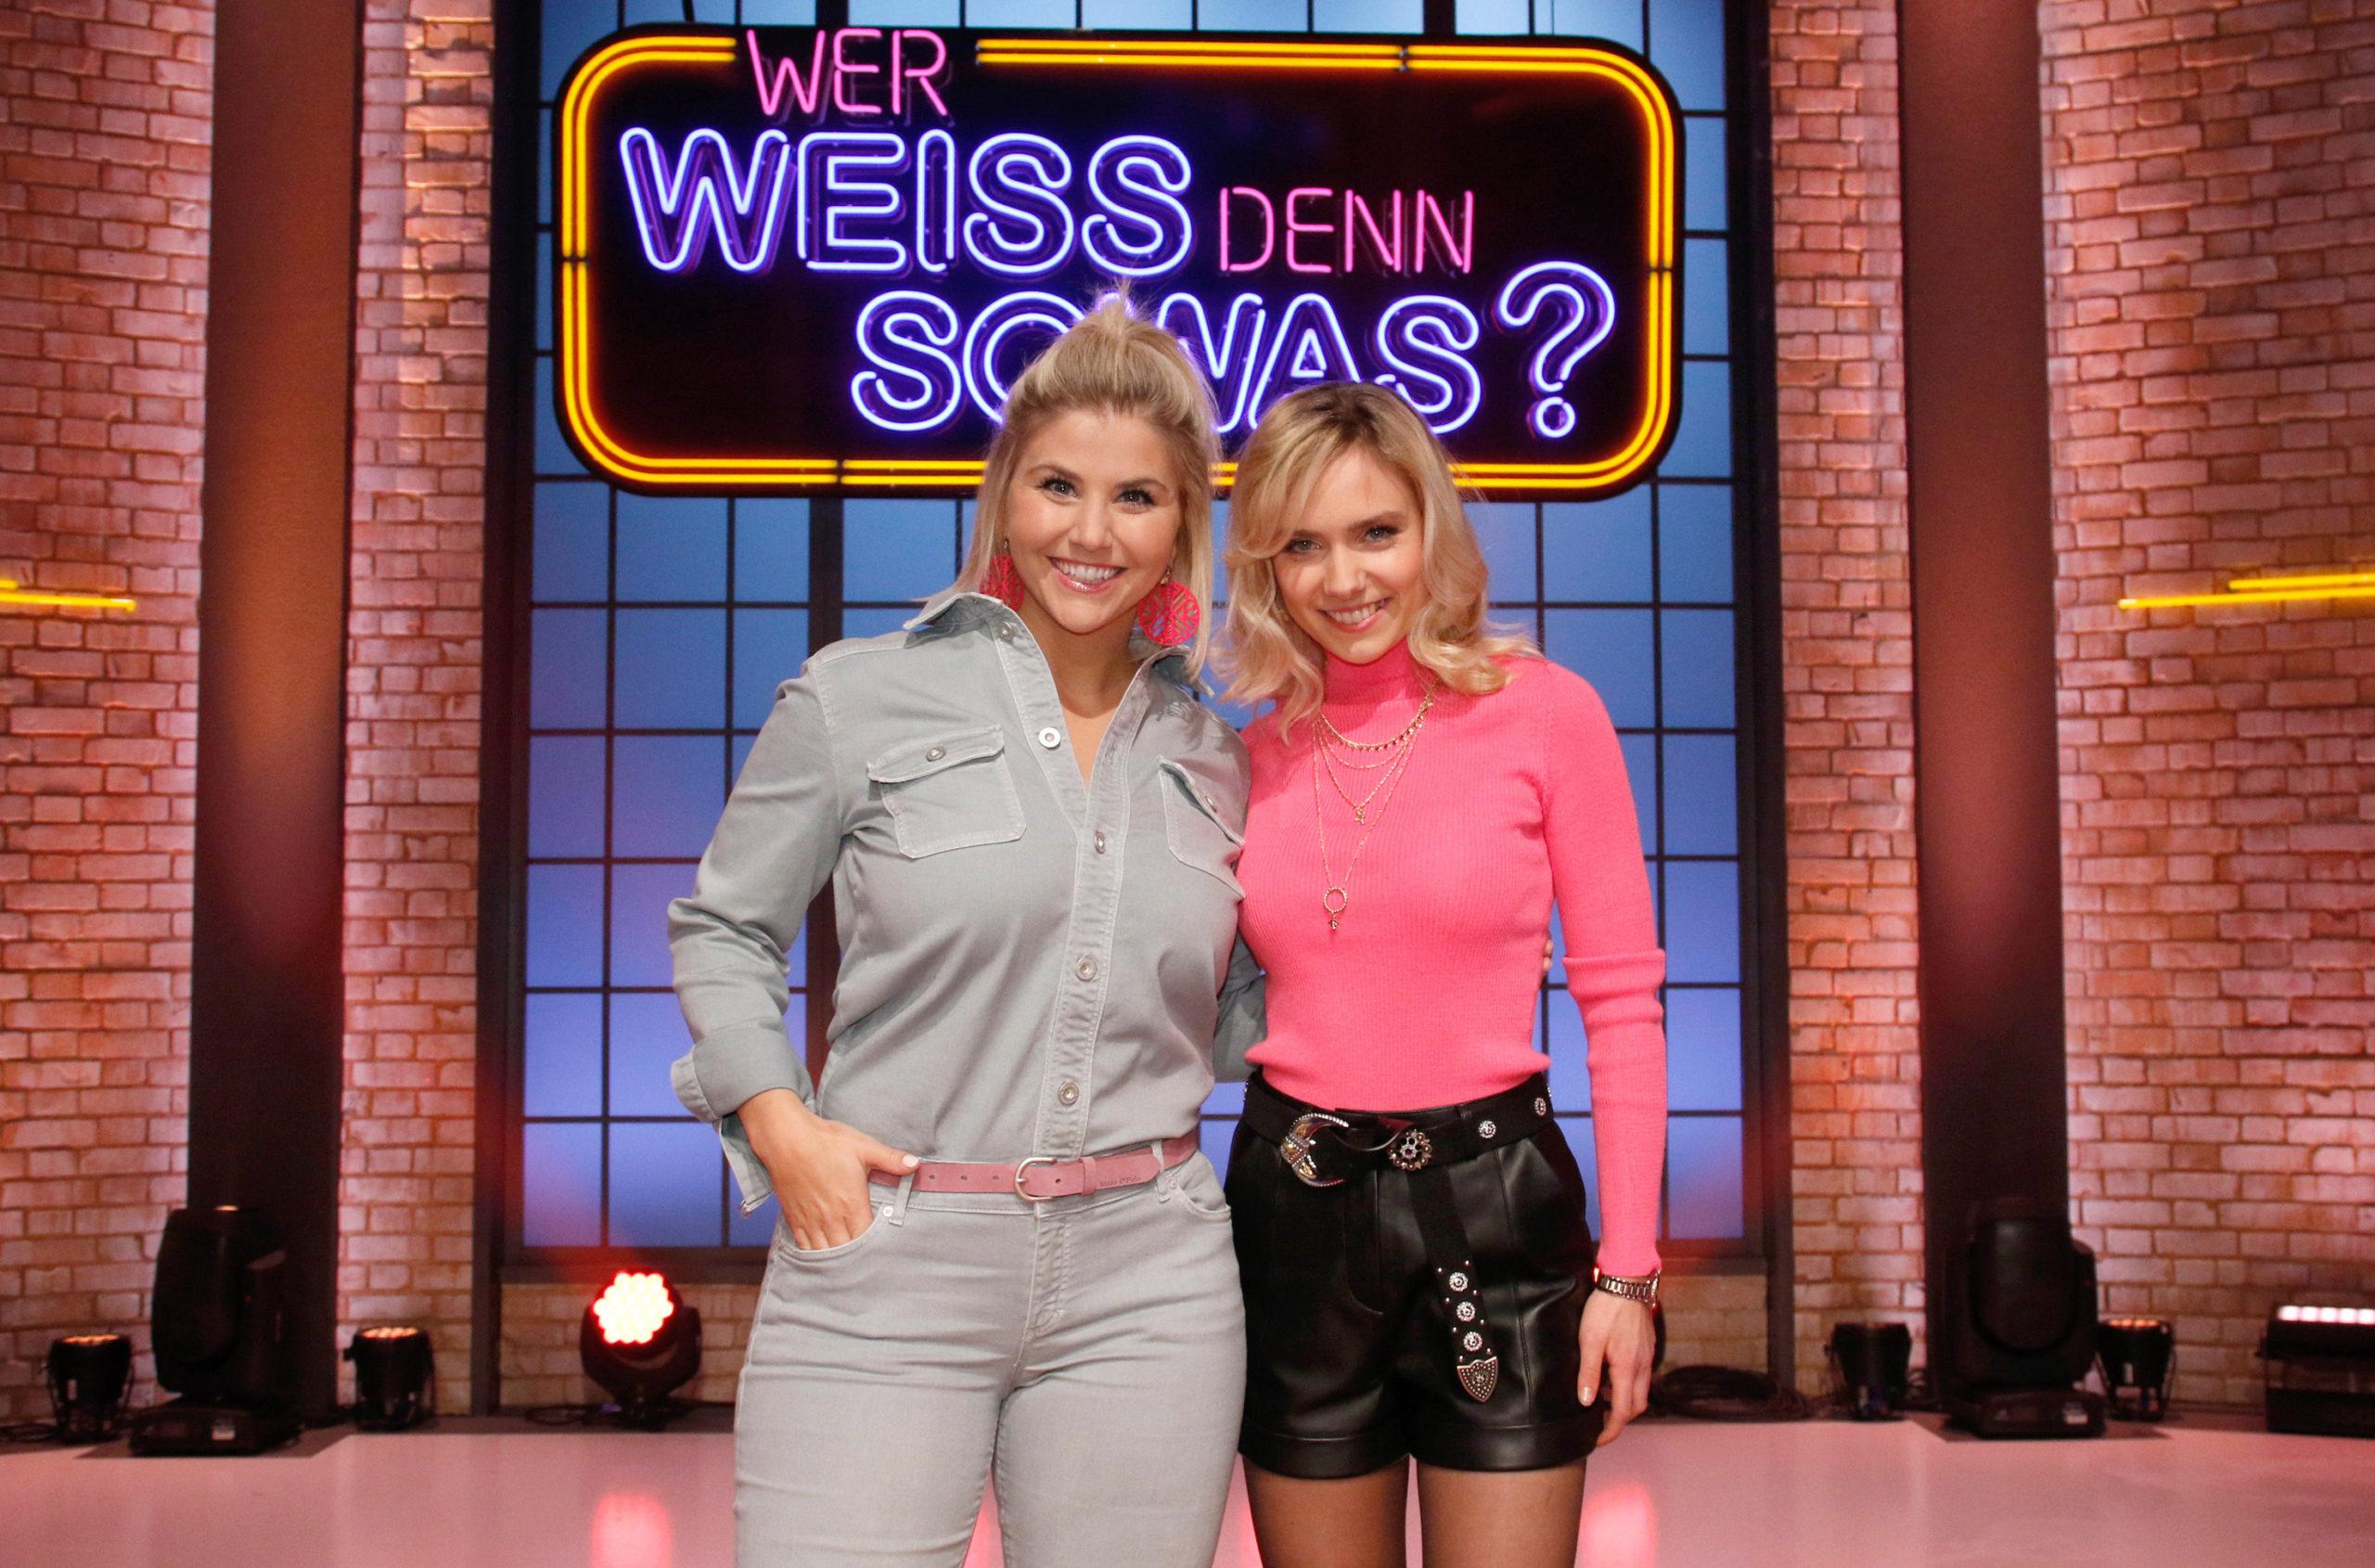 Beatrice Egli Marie Wegener Am Freitag 06 03 2020 In Der Rate Show Wer Weiss Denn Sowas Zu Gast Smago